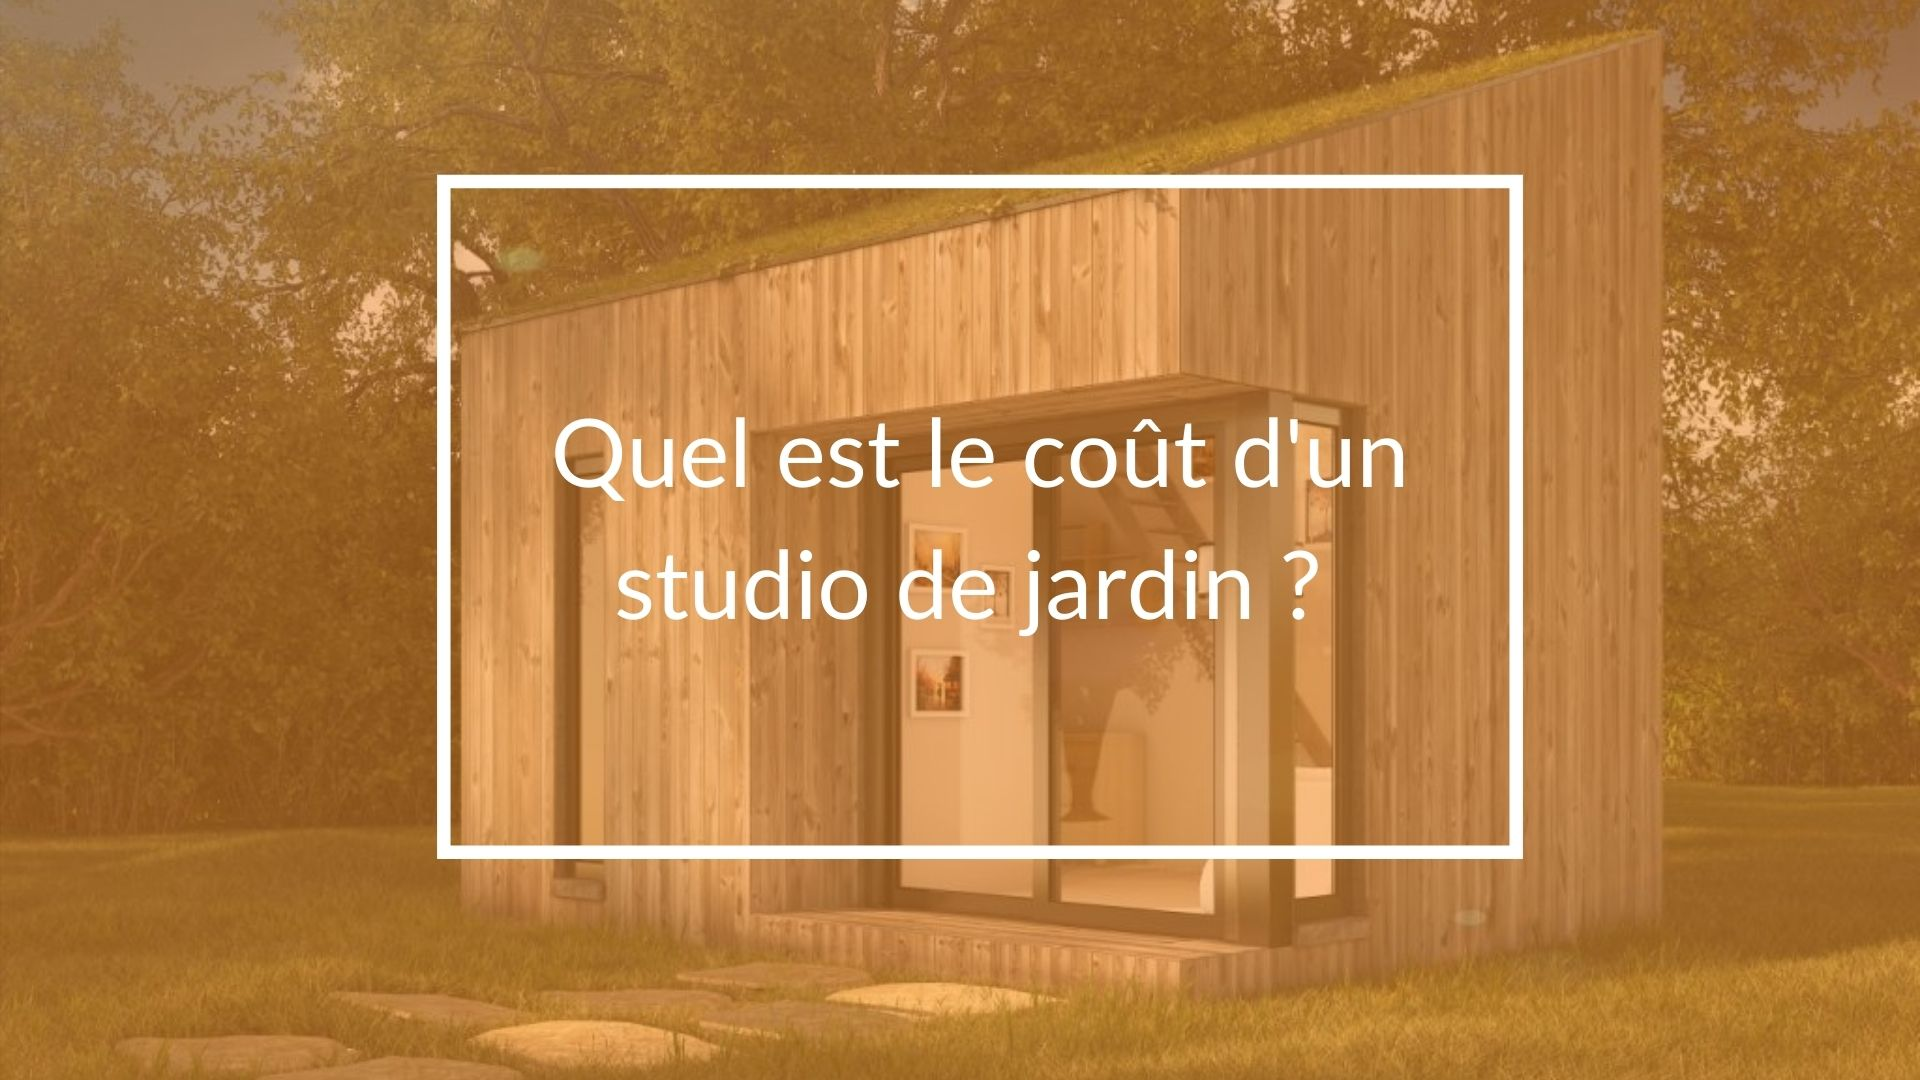 Quel est le coût d'un studio de jardin ?